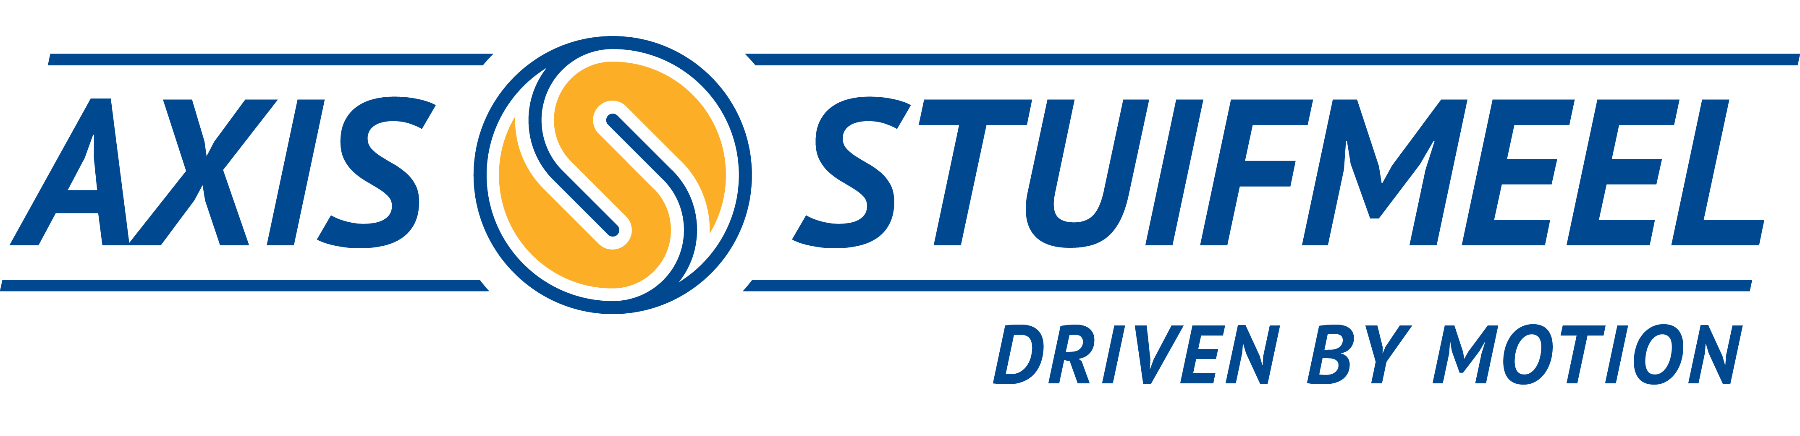 Axis Stuifmeel